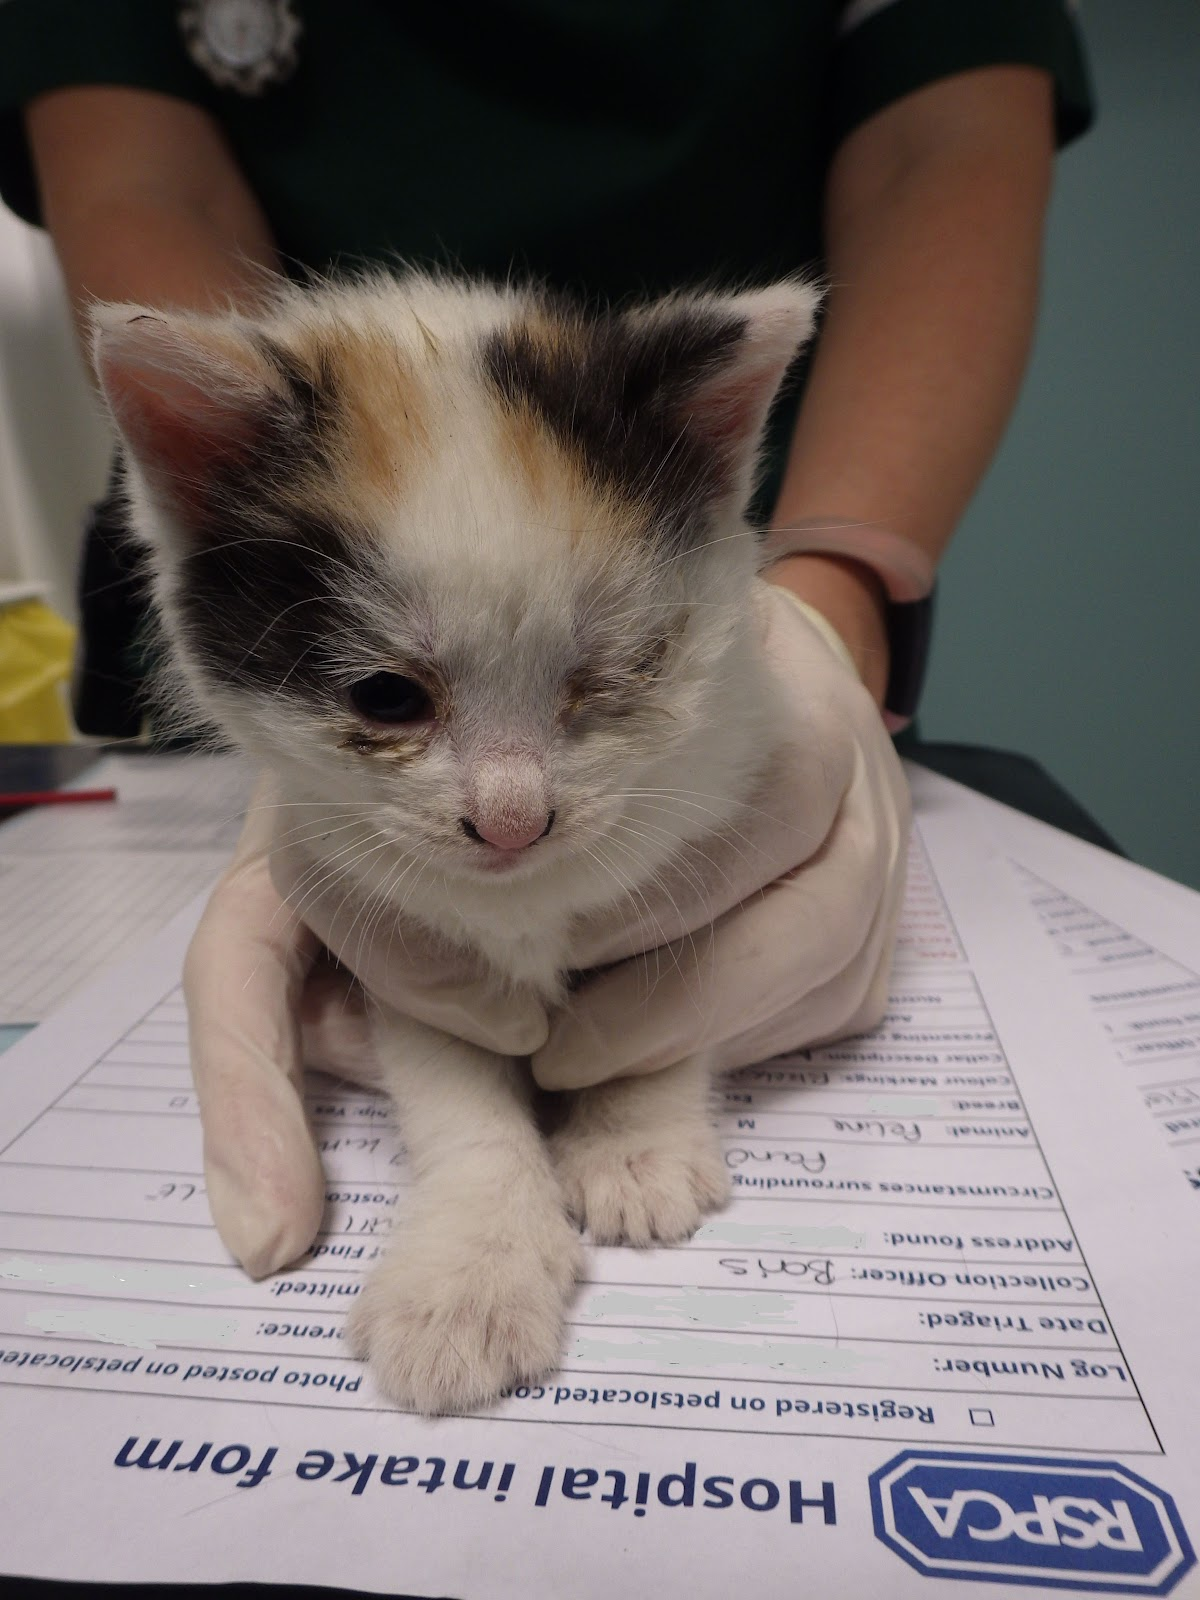 Poor Kittens Left For Dead